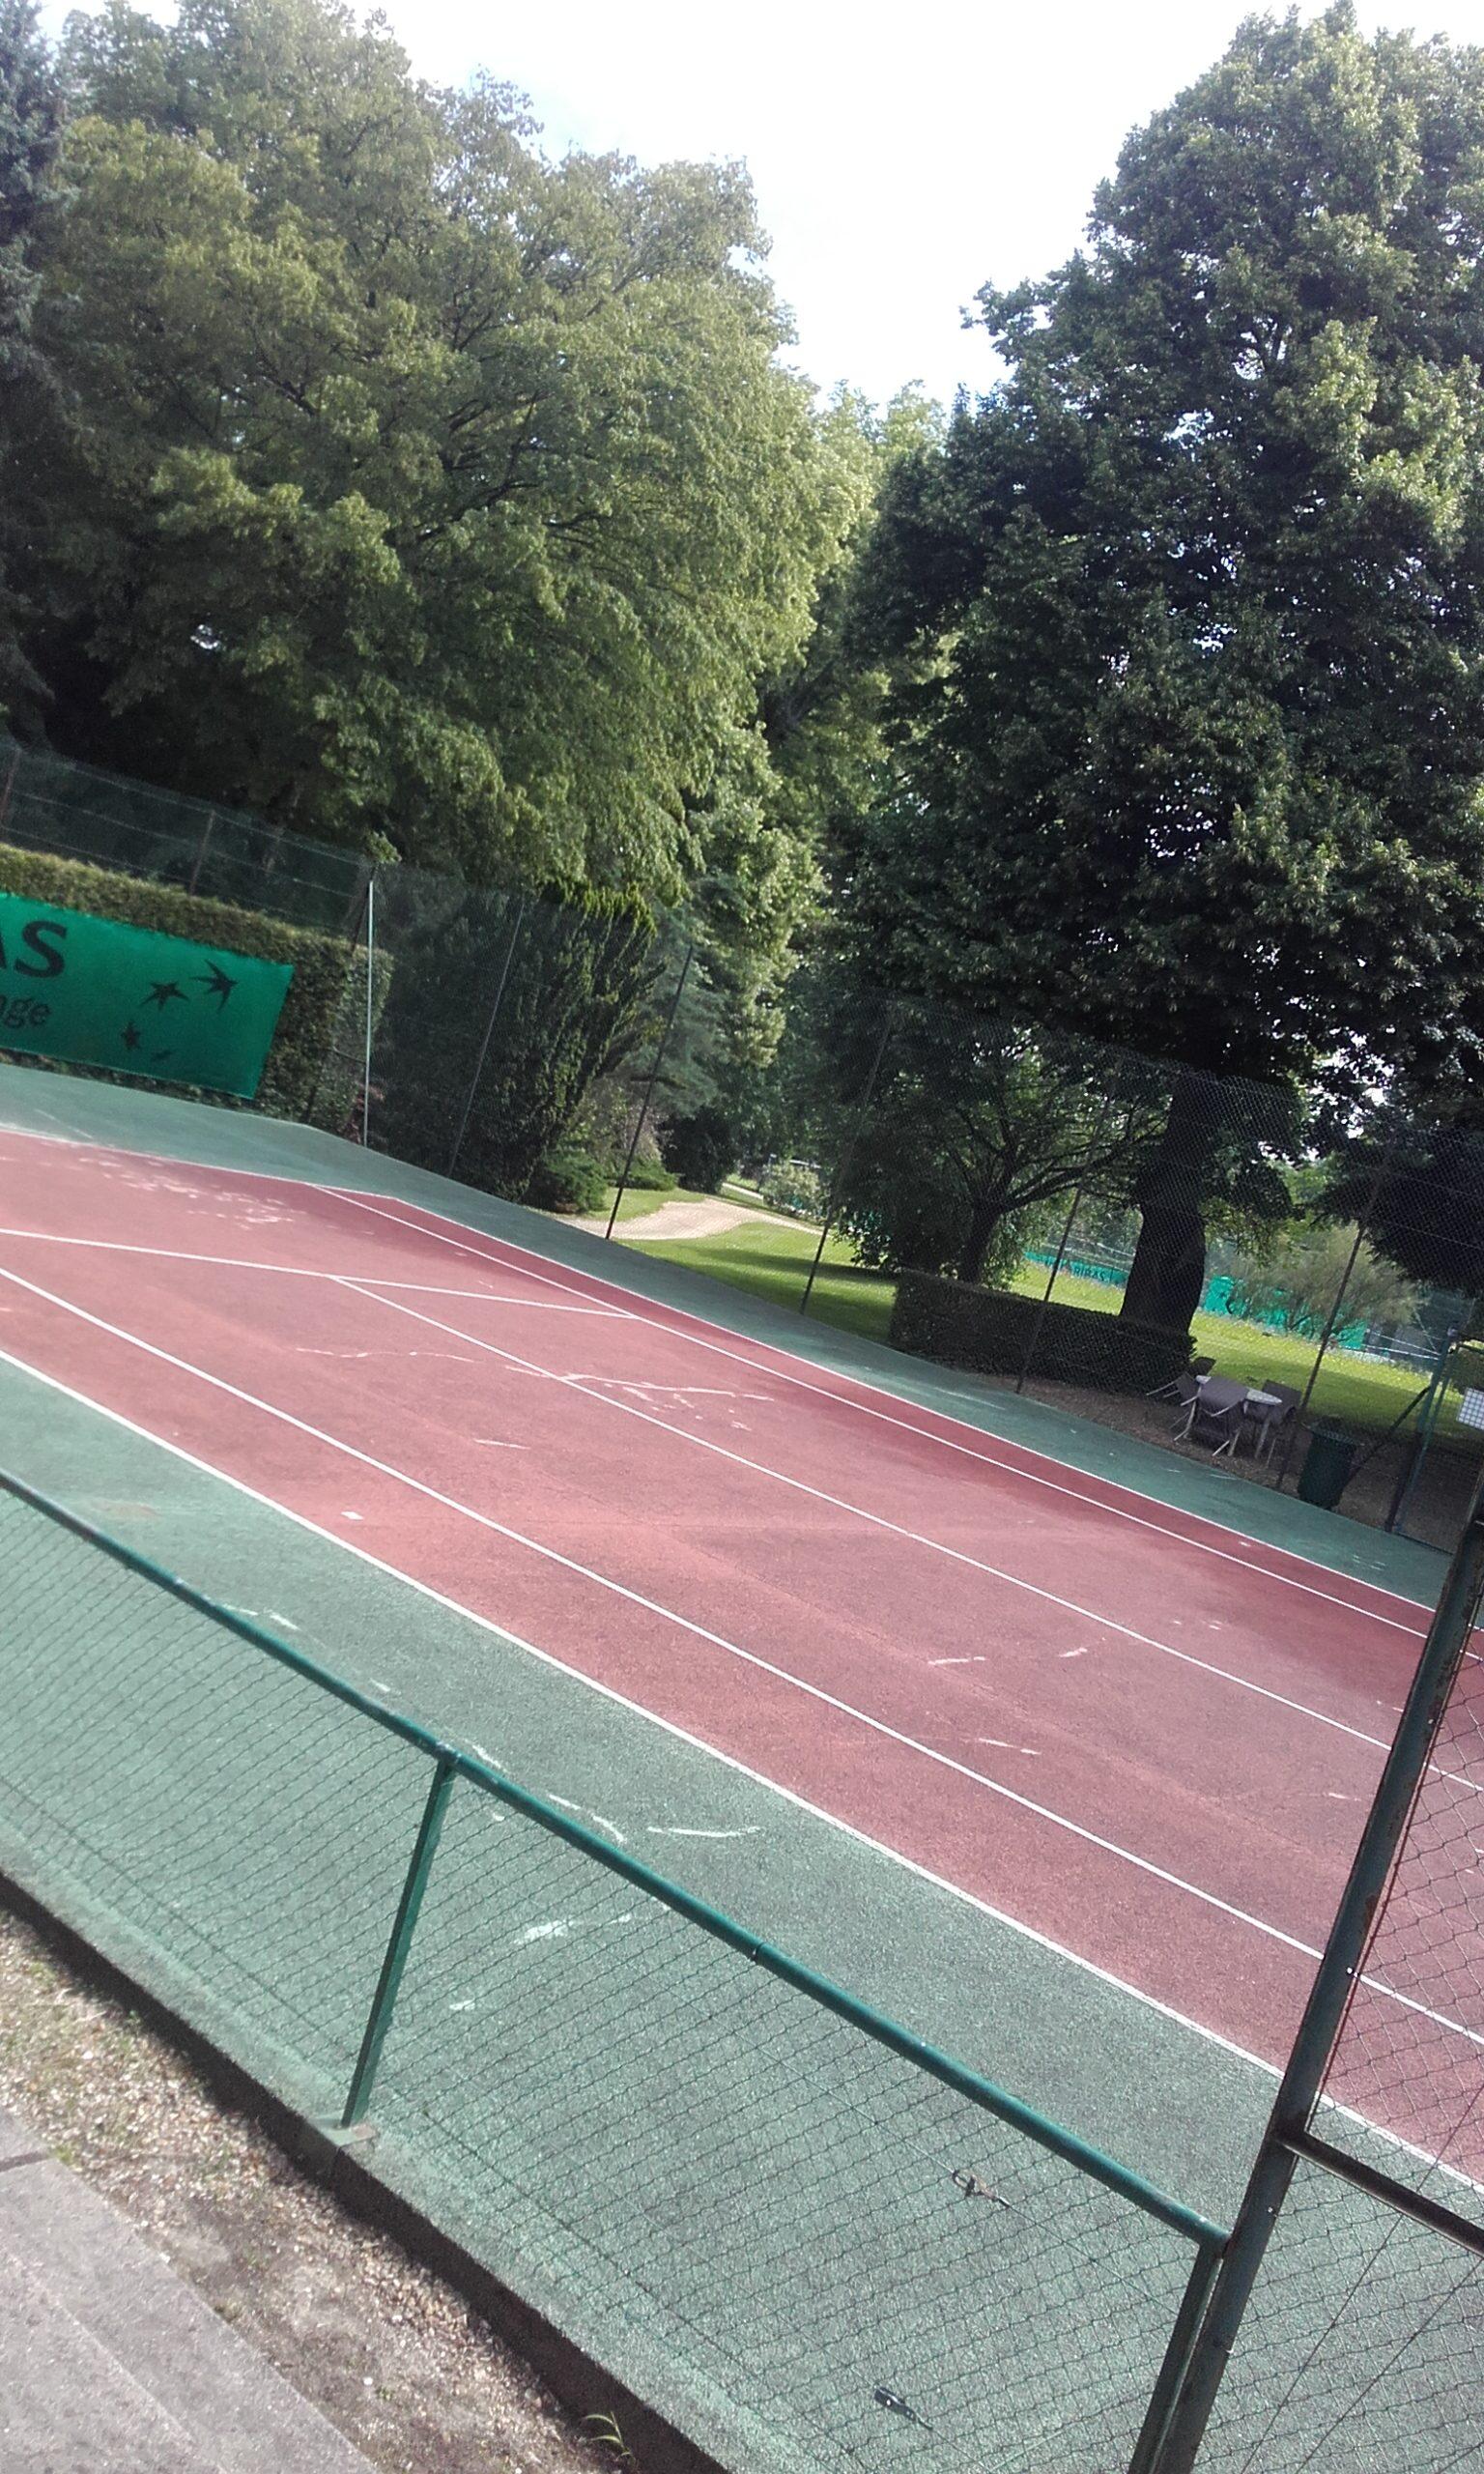 renovation-court-de-tennis-beton-poreux-versailles-bnp-paribas-avant1